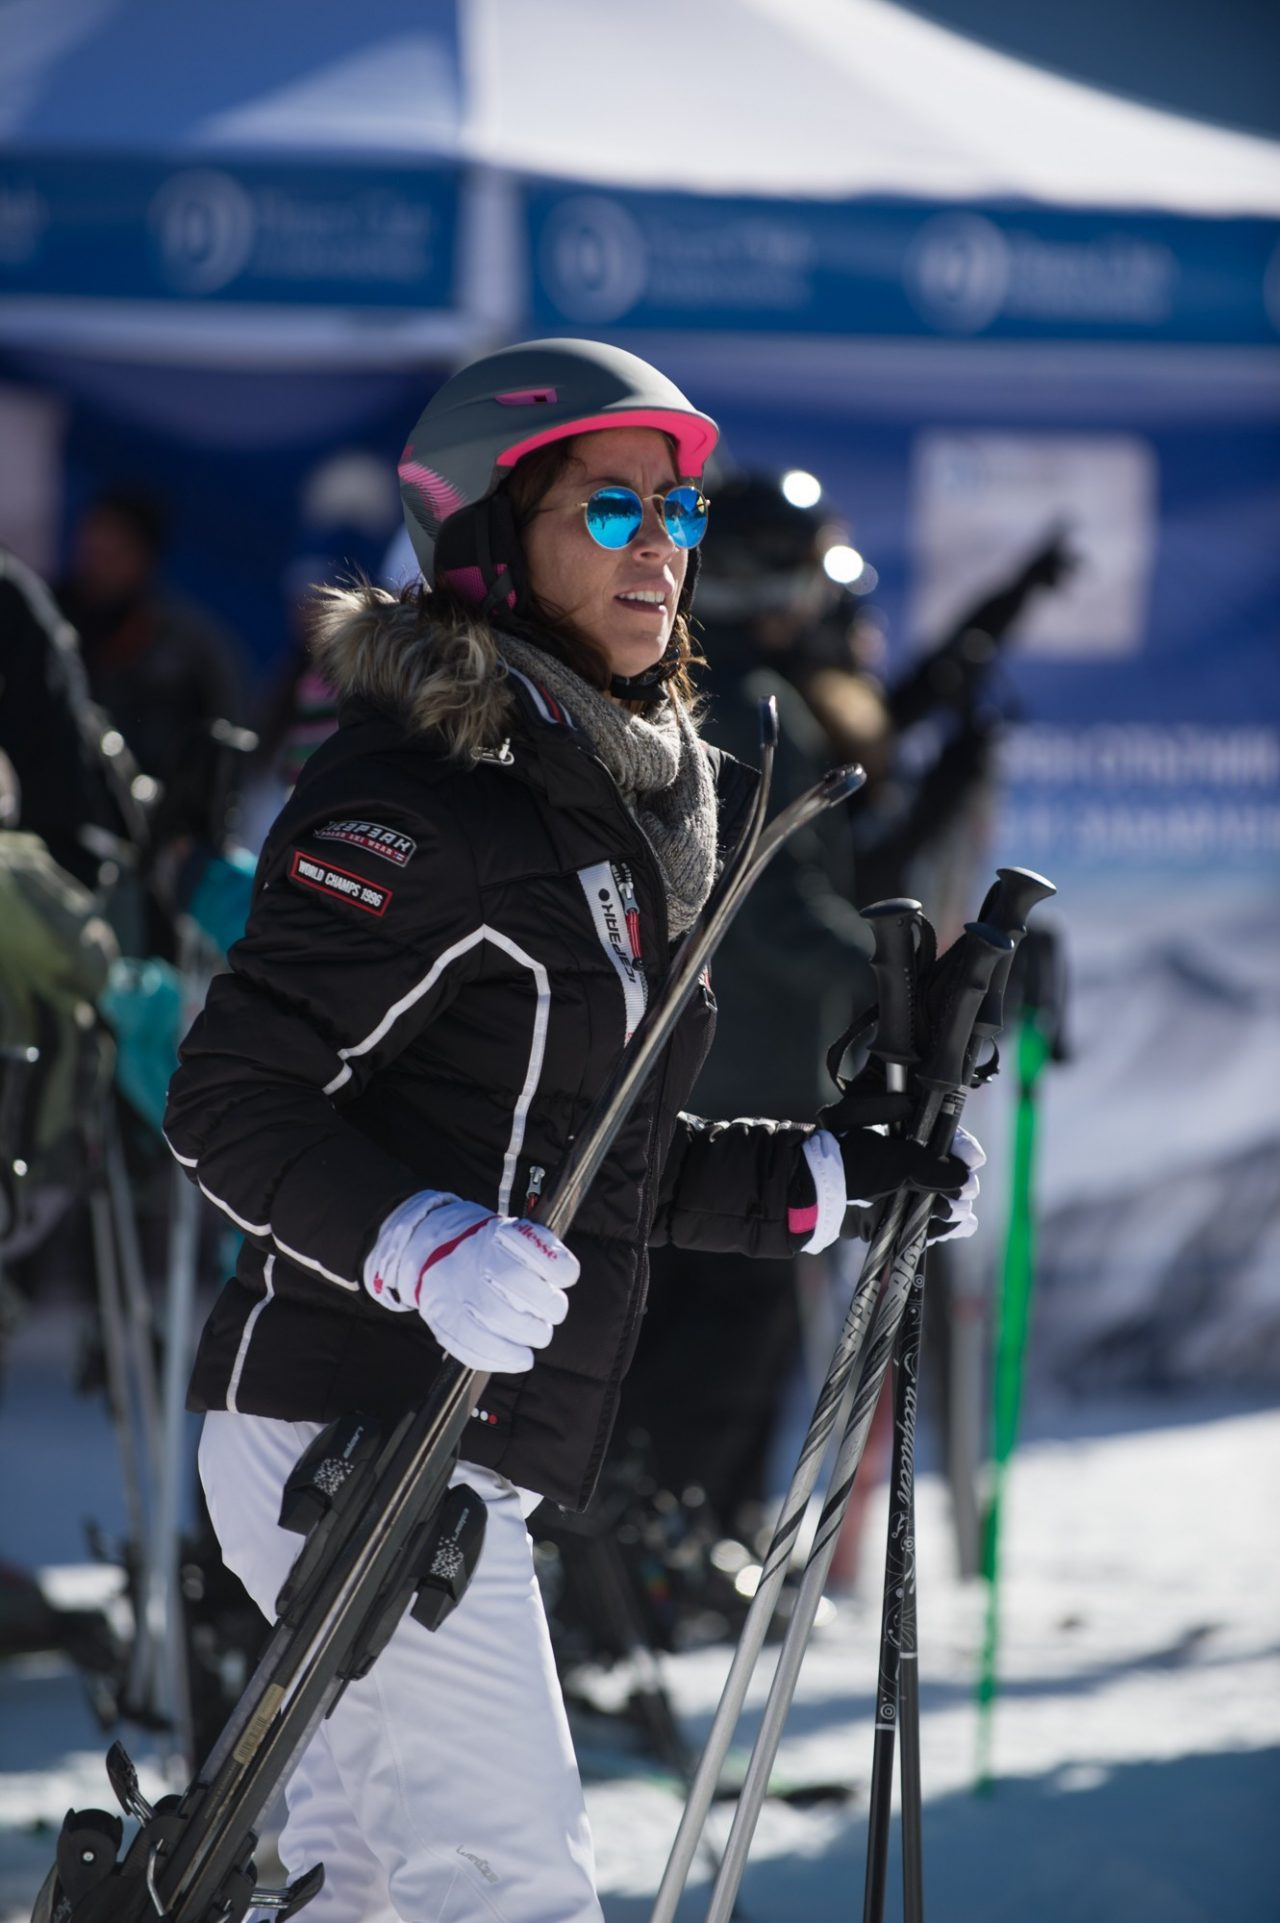 -ски-1280x1923.jpg